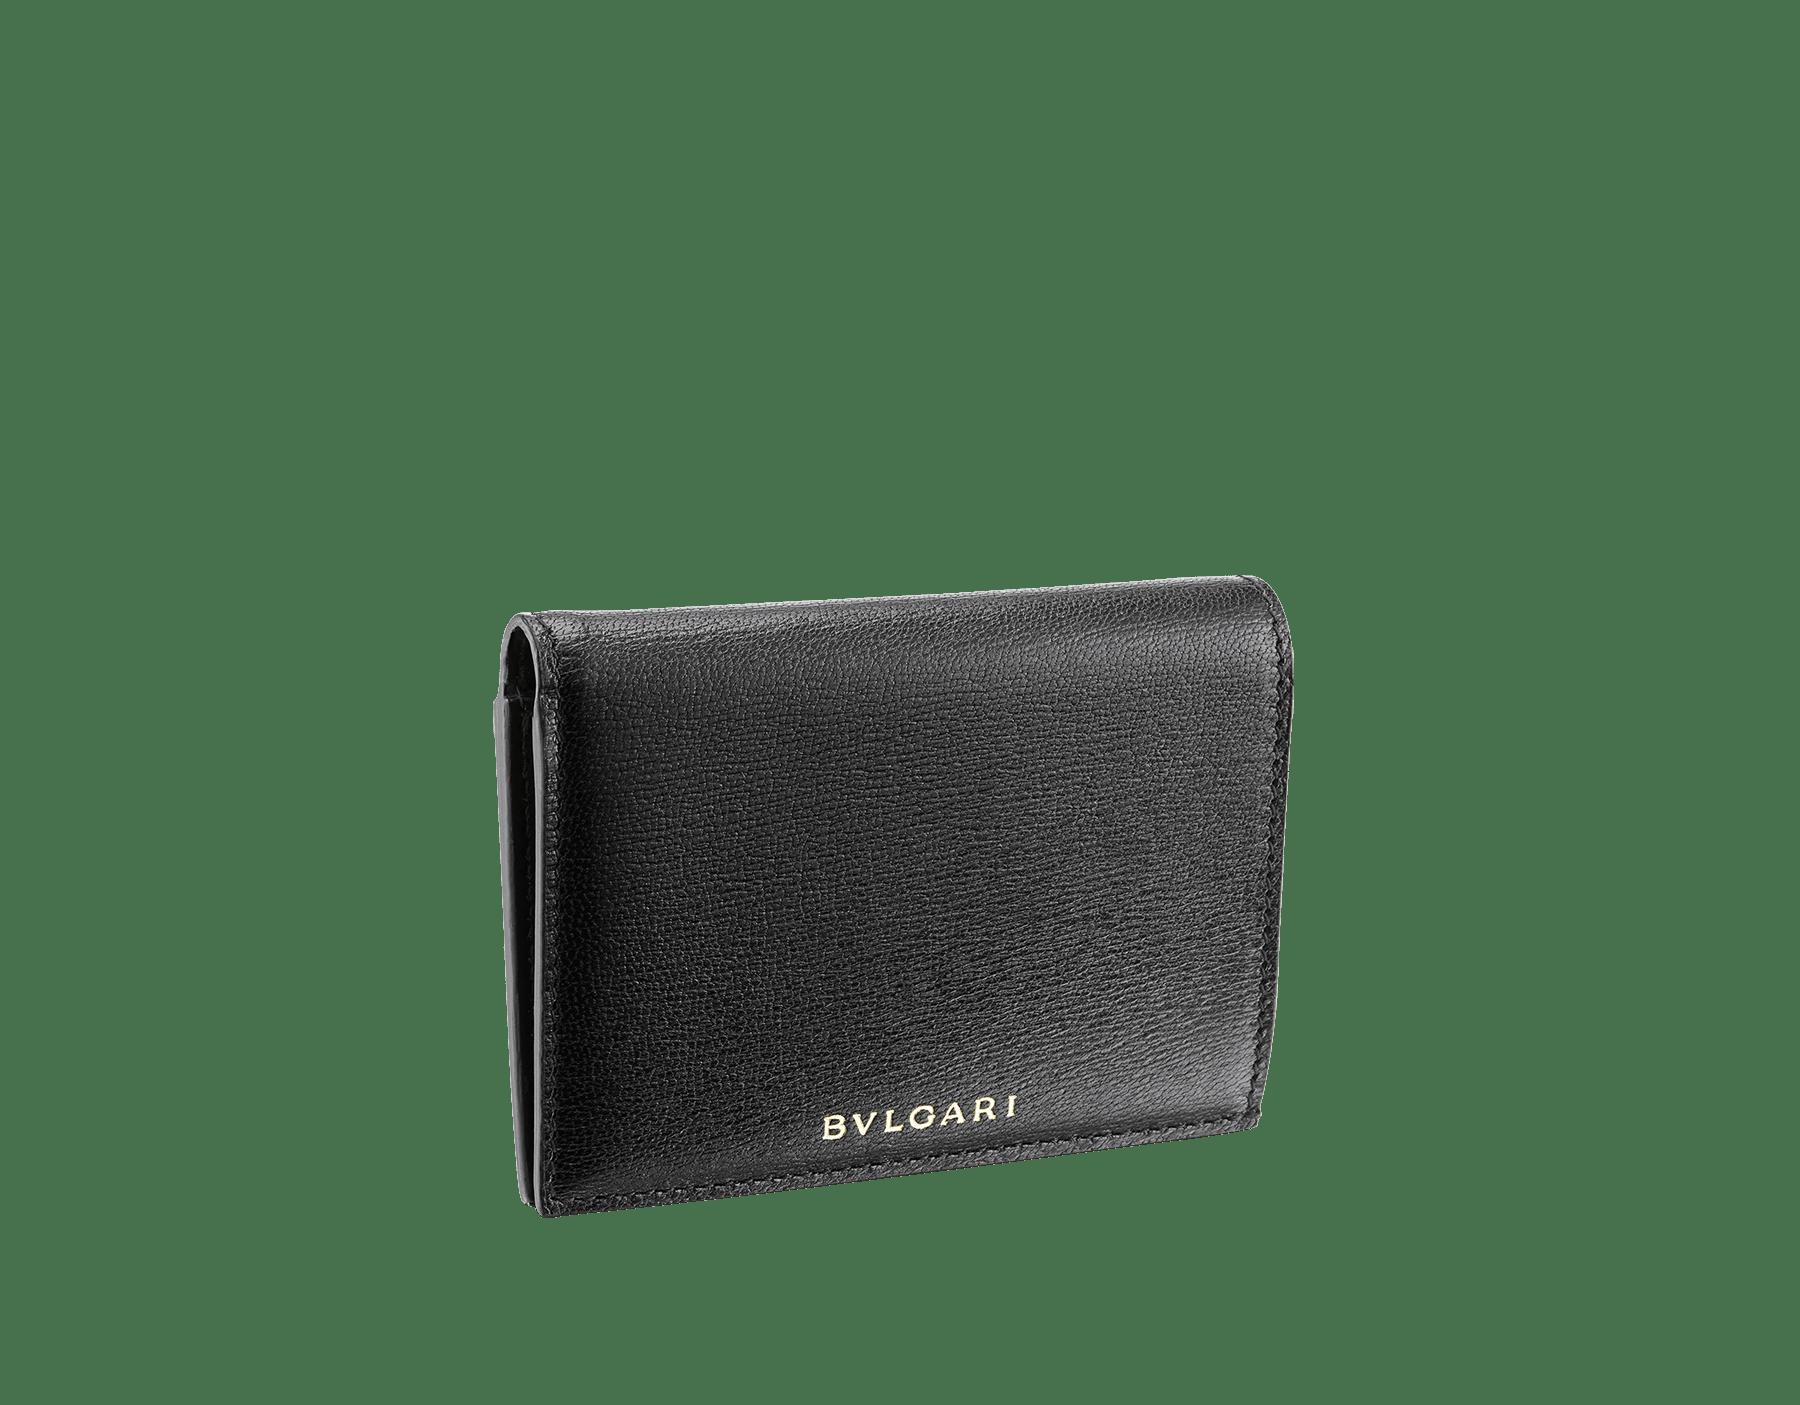 Étui pour cartes de crédit à deux volets B.zero1 en cuir de chèvre noir. Emblématique bijou B.zero1 en laiton doré. 289150 image 1